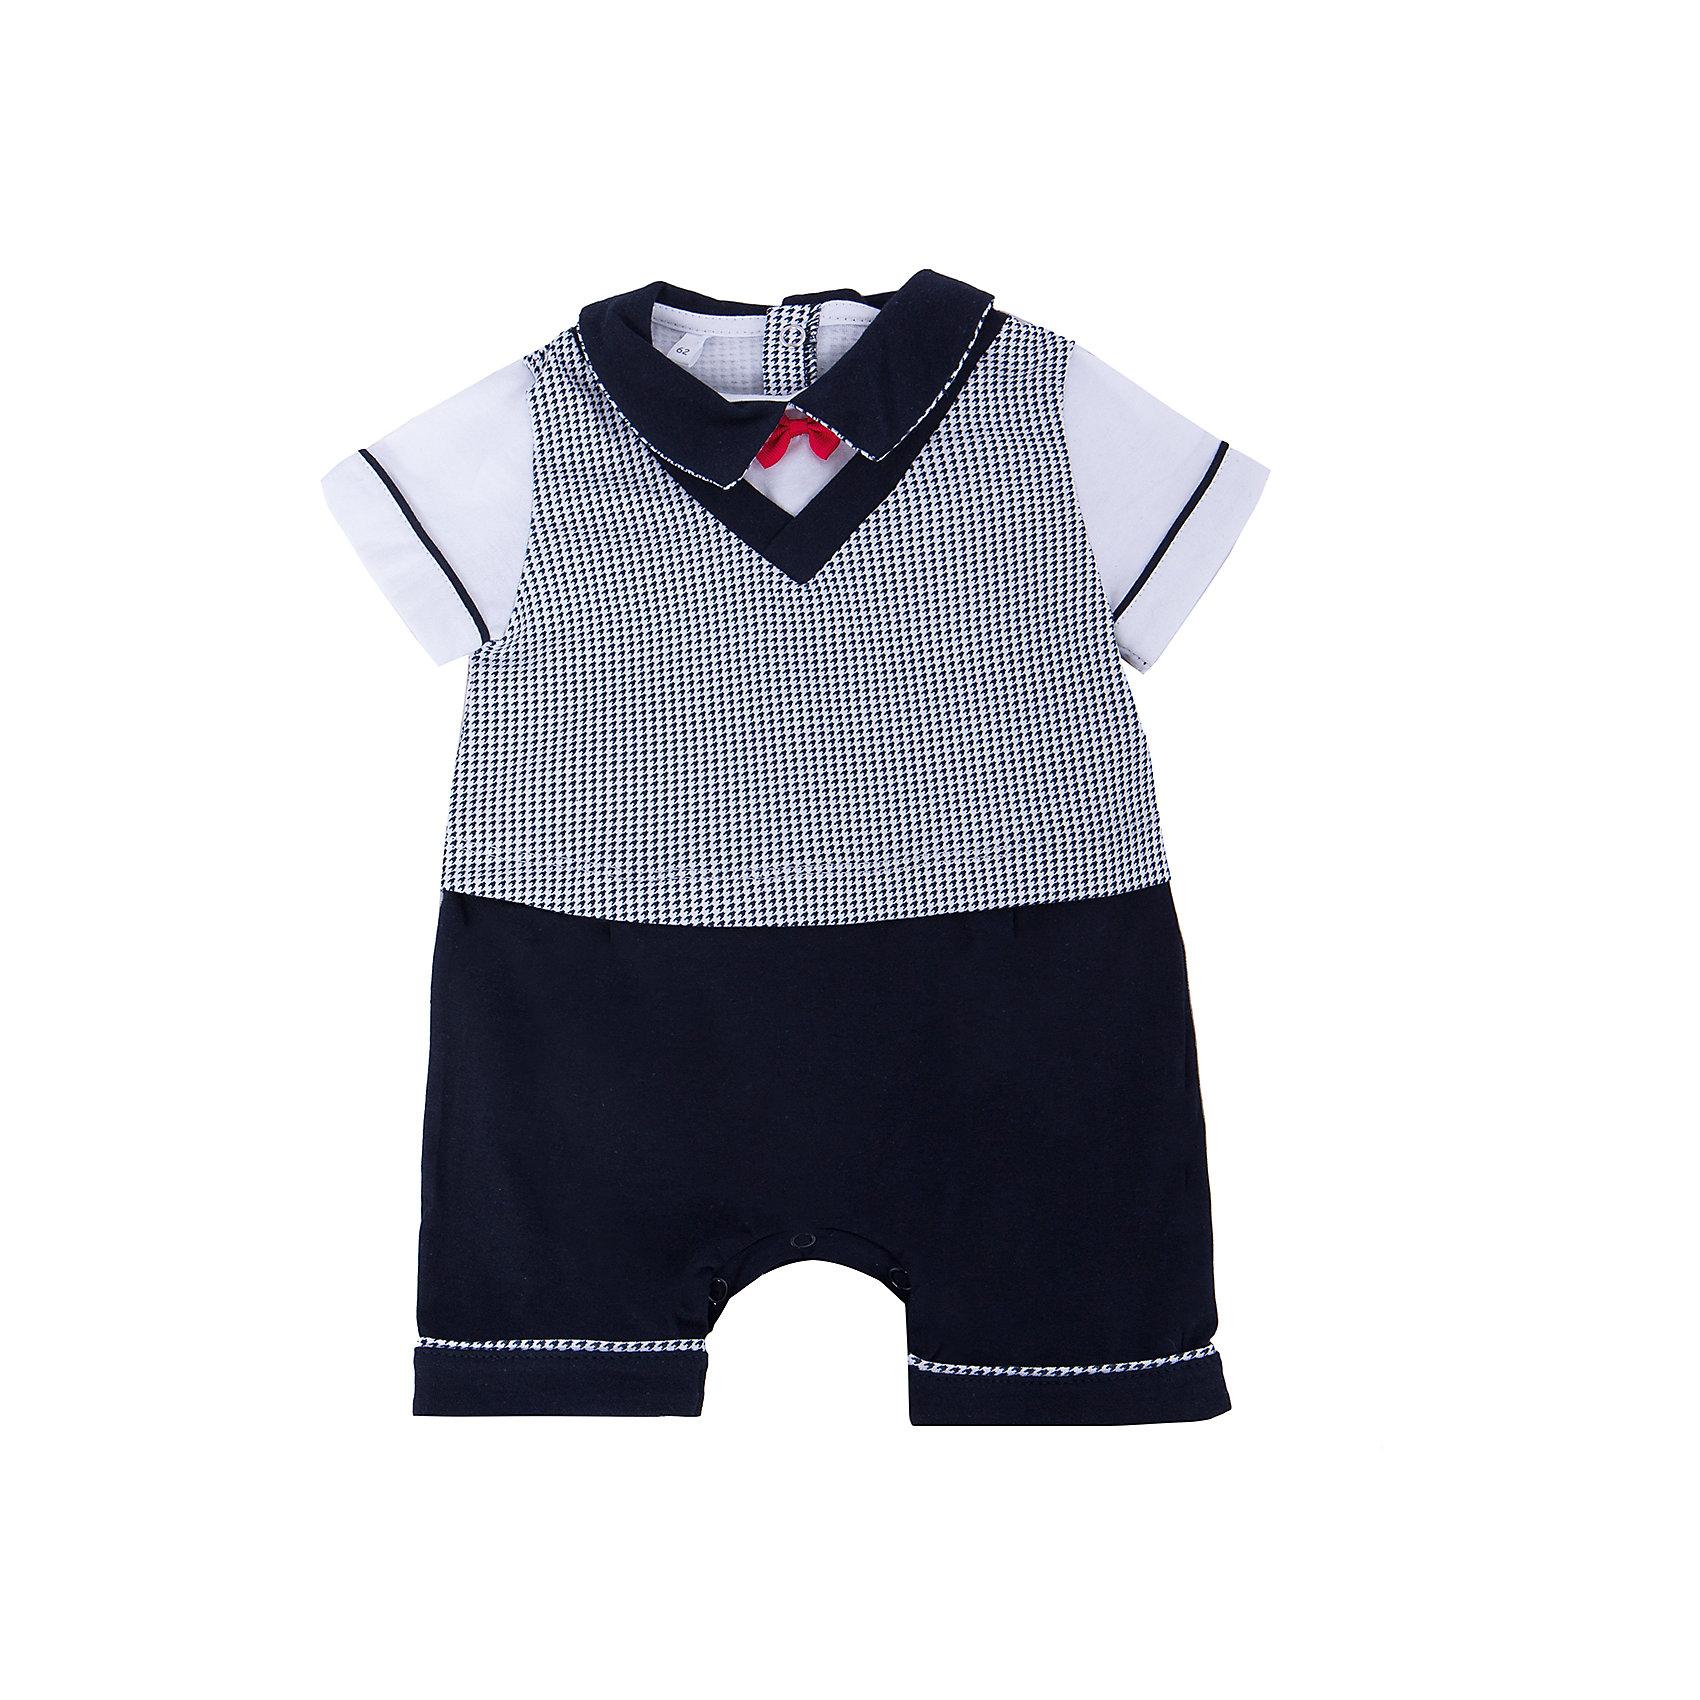 Песочник для мальчика Soni KidsПесочники<br>Песочник для мальчика от популярной марки Soni Kids <br> <br>Нарядный и удобный песочник в черно-белой гамме сшит из мягкого дышащего хлопка. Это гипоаллергенный материал, который отлично подходит для детской одежды. Правильный крой обеспечит ребенку удобство, не будет натирать и стеснять движения. <br> <br>Особенности модели: <br> <br>- цвет - белый, черный; <br>- материал - натуральный хлопок; <br>- декорирован красным бантиком; <br>- имитация жилета и шорт; <br>- отложной воротник; <br>- рукава короткие, с отделкой; <br>- застежки - кнопки сзади и внизу. <br> <br>Дополнительная информация: <br> <br>Состав: 100% хлопок <br> <br>Песочник для мальчика от популярной марки Soni Kids (Сони Кидс) можно купить в нашем магазине.<br><br>Ширина мм: 157<br>Глубина мм: 13<br>Высота мм: 119<br>Вес г: 200<br>Цвет: белый/черный<br>Возраст от месяцев: 6<br>Возраст до месяцев: 9<br>Пол: Мужской<br>Возраст: Детский<br>Размер: 74,86,80,68,62<br>SKU: 4545039